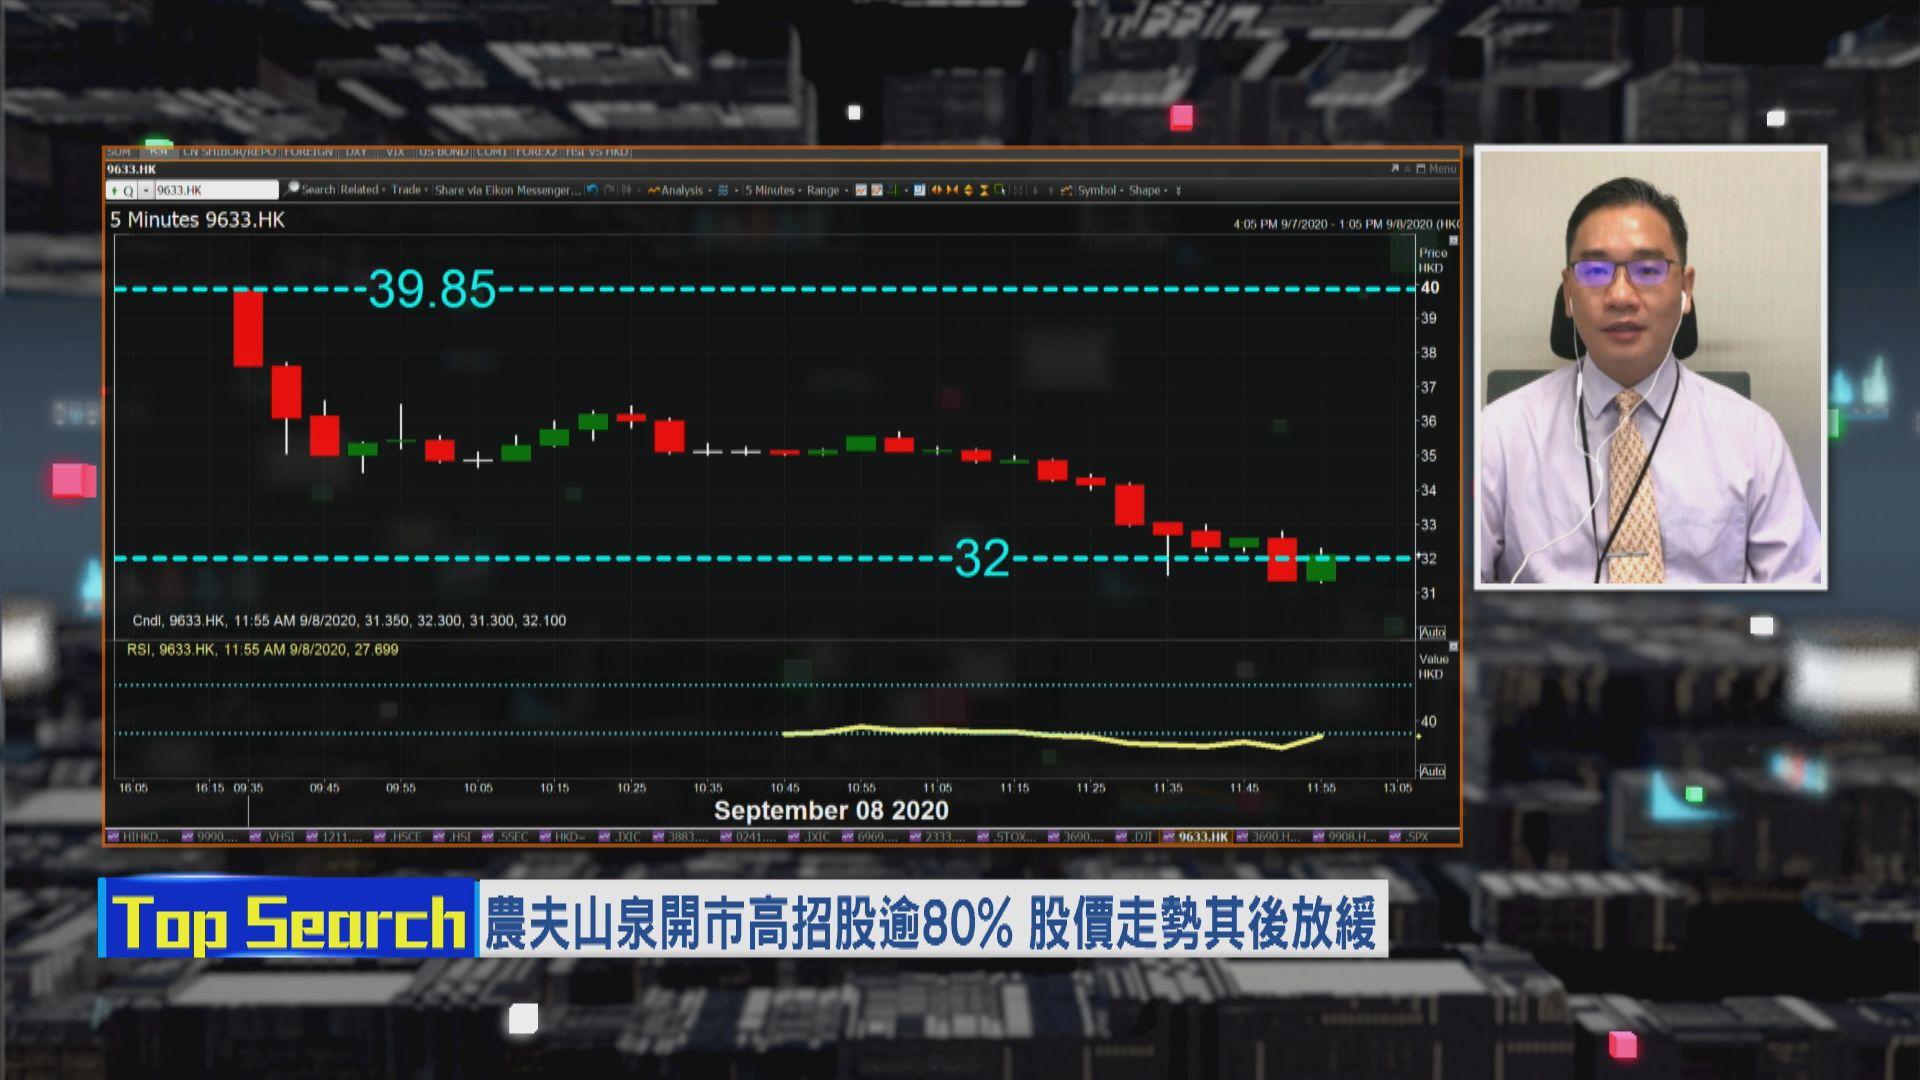 【財經TOP SEARCH】農夫山泉新股上市 是水中茅台?